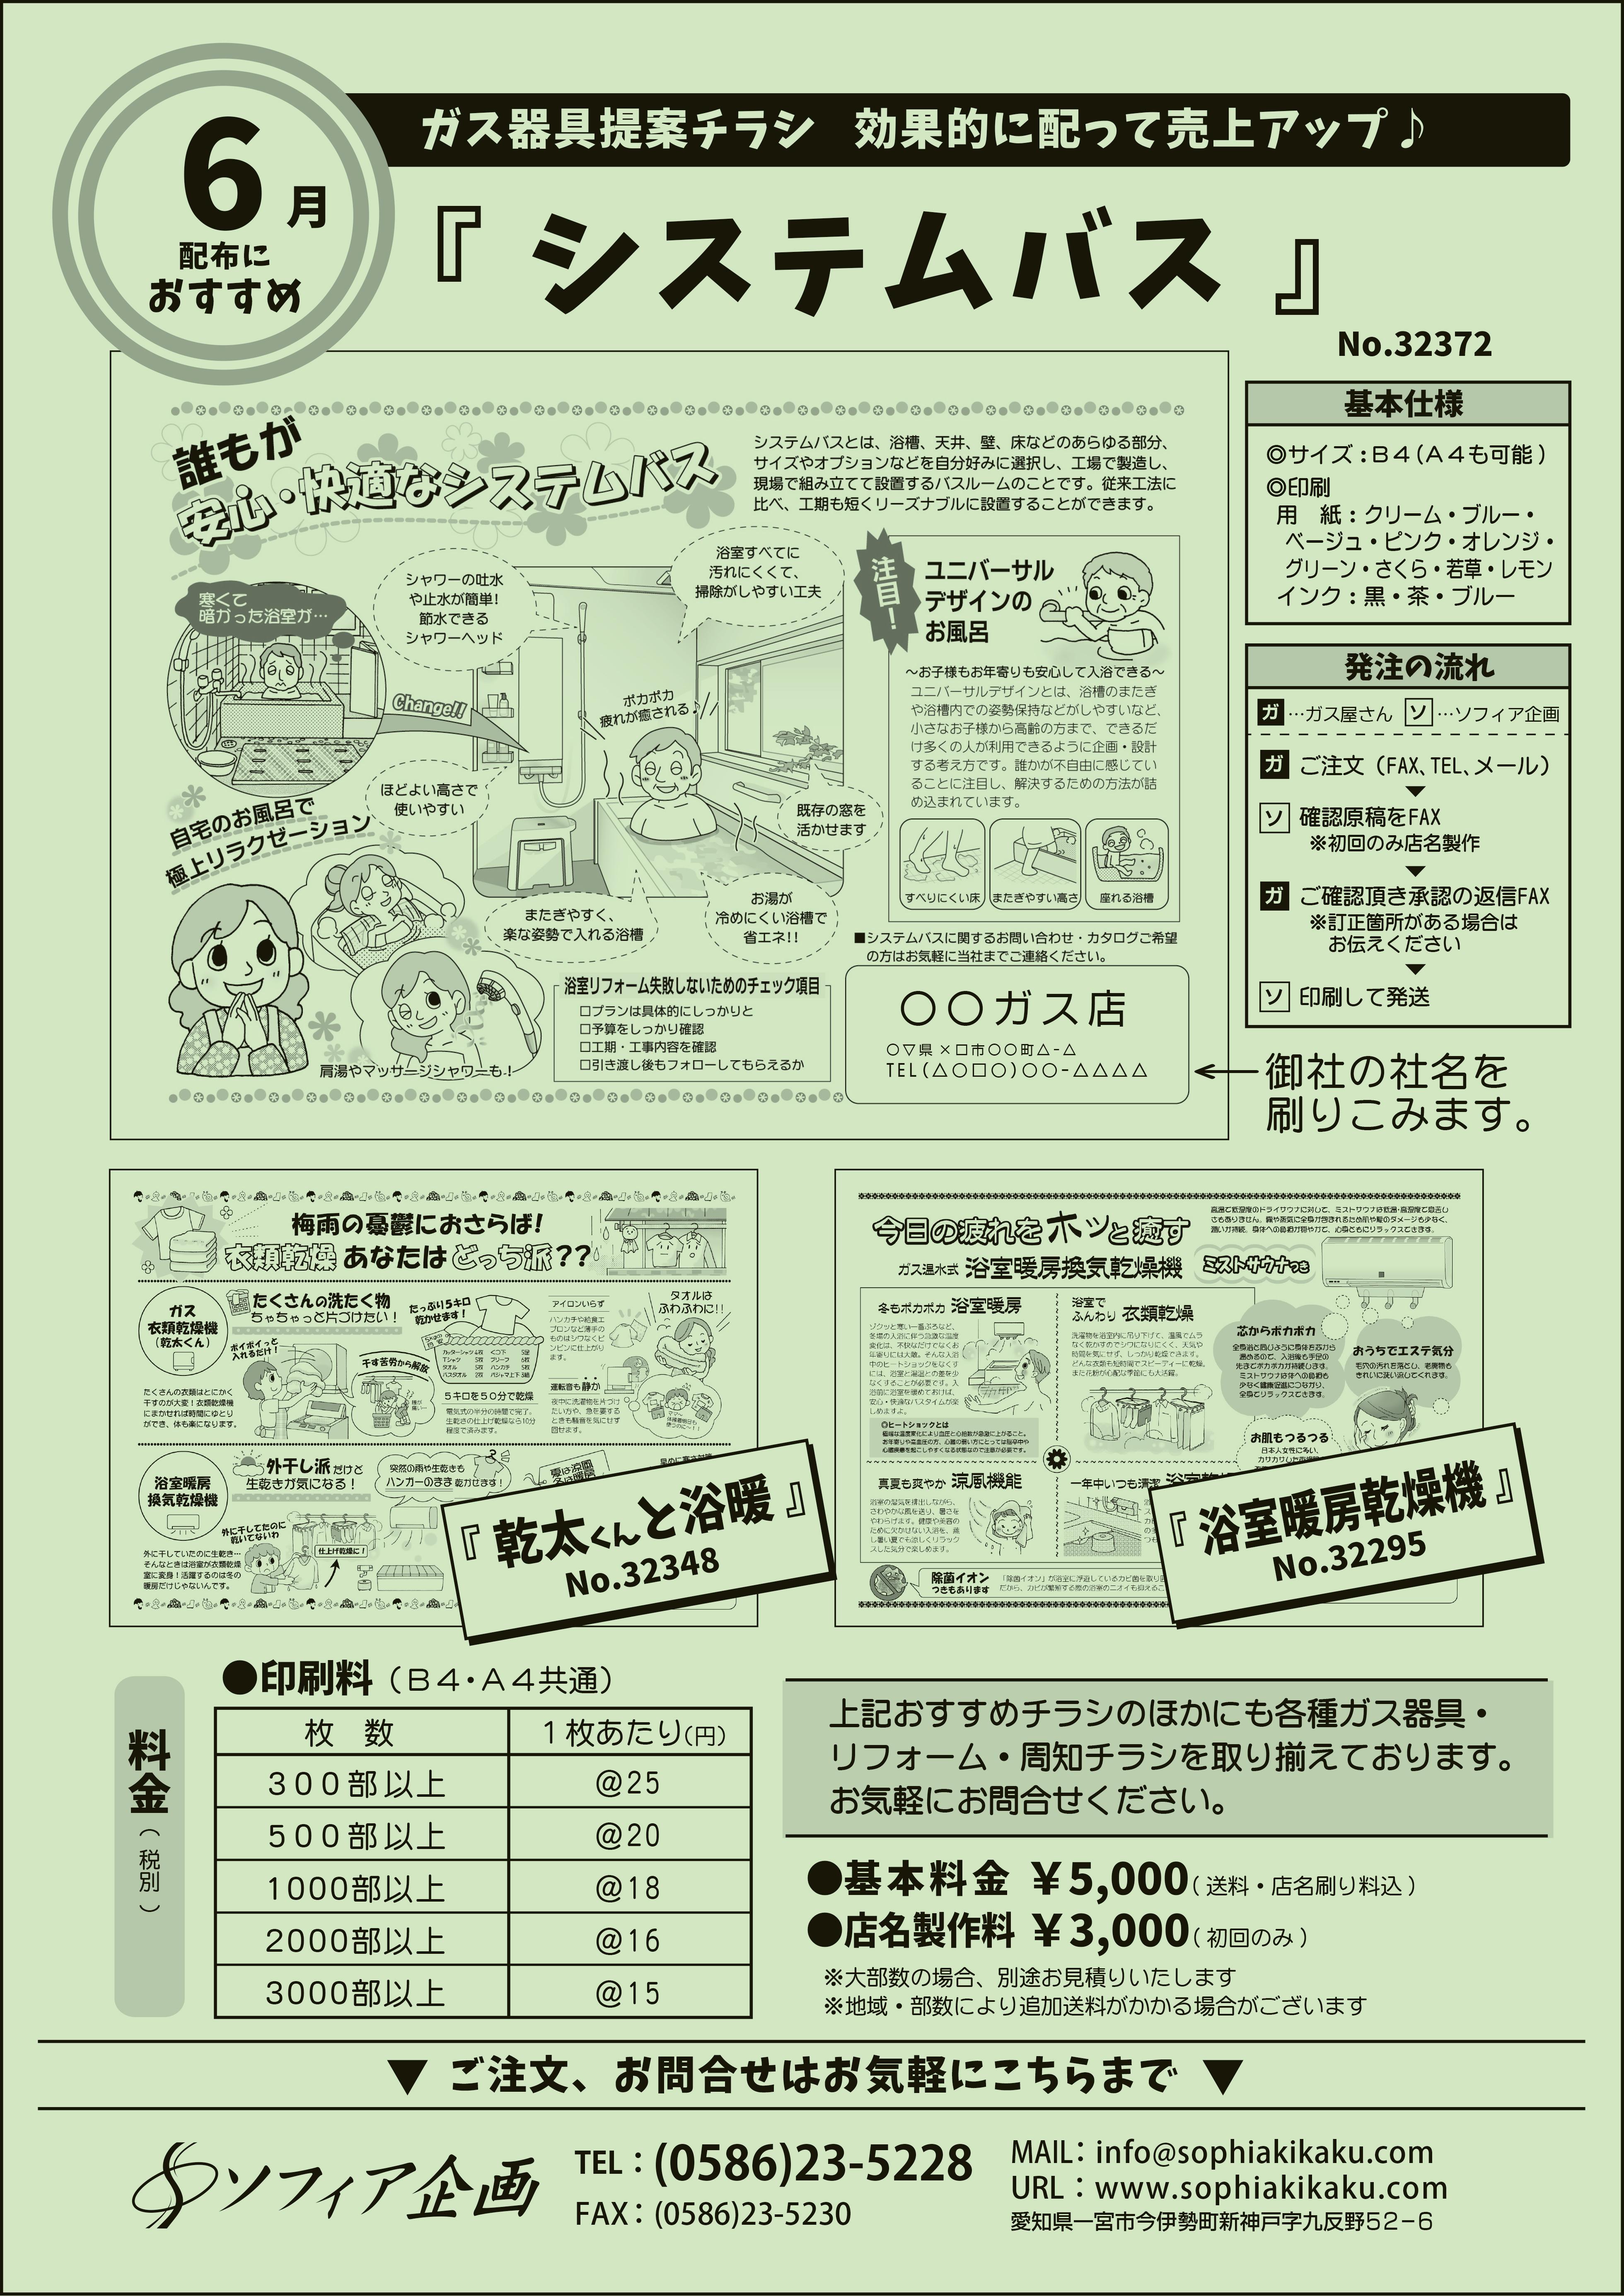 6月配布におすすめのガス器具提案チラシ